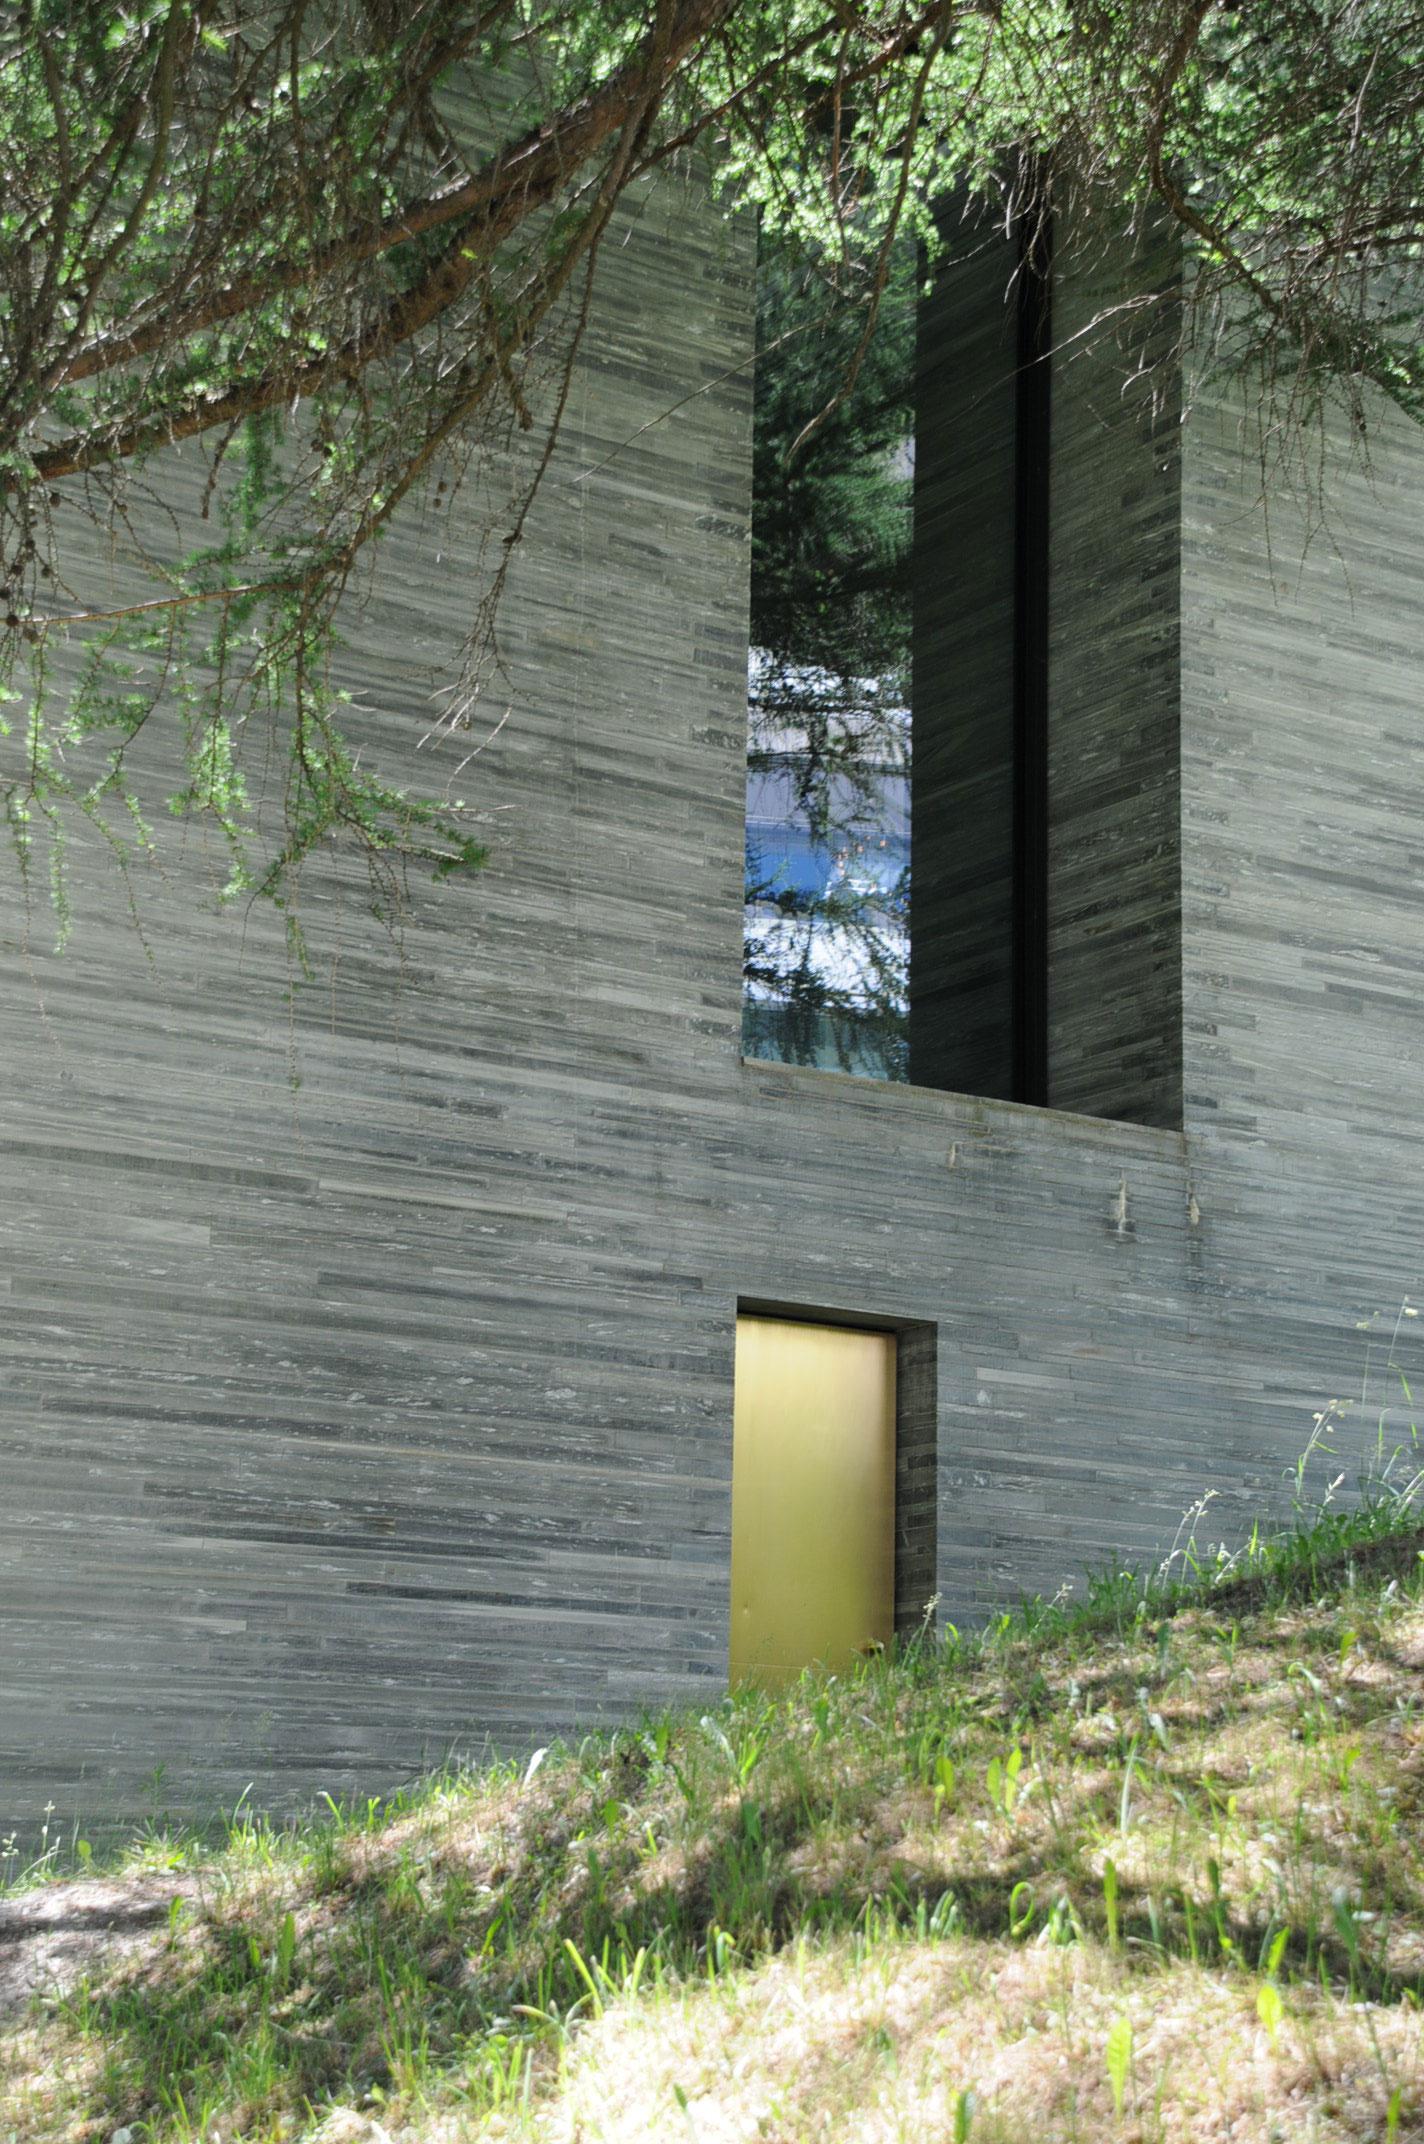 vals-therme-detail-zumthor-spa-switzlerland-best.jpg